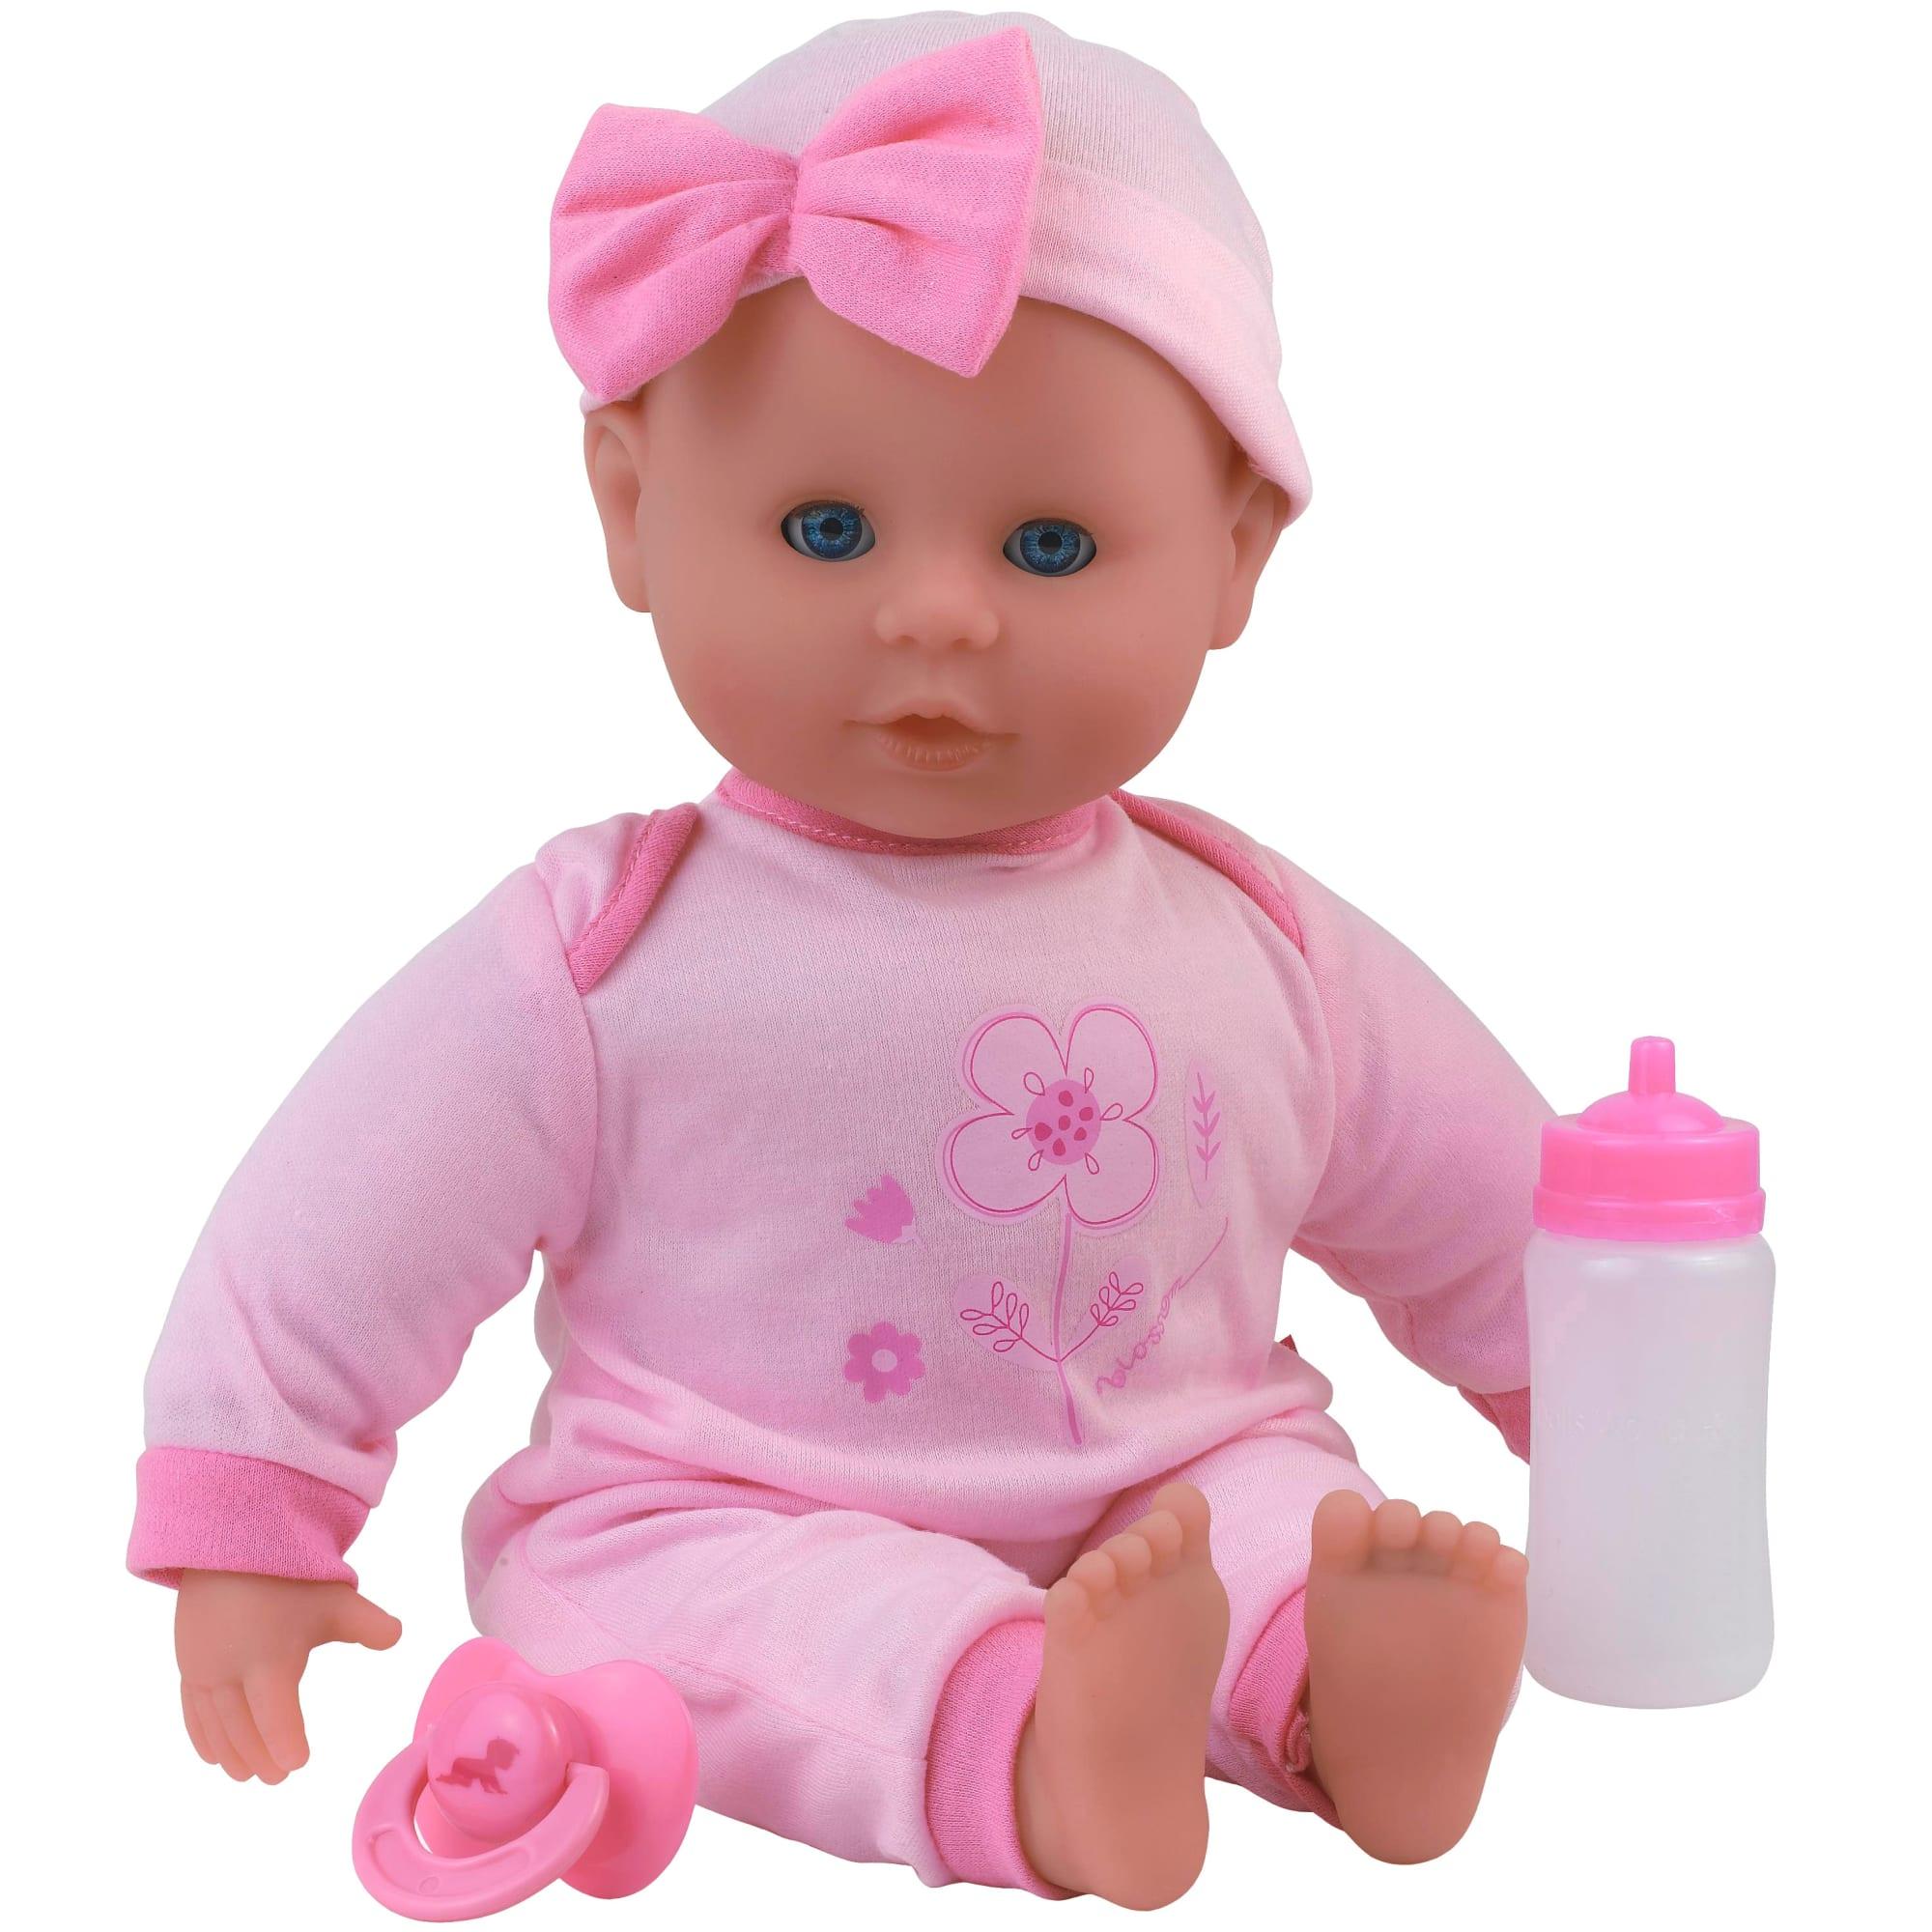 H 38 cm - Med 21 forskellige babylyde - Inkl. sutteflaske og sut